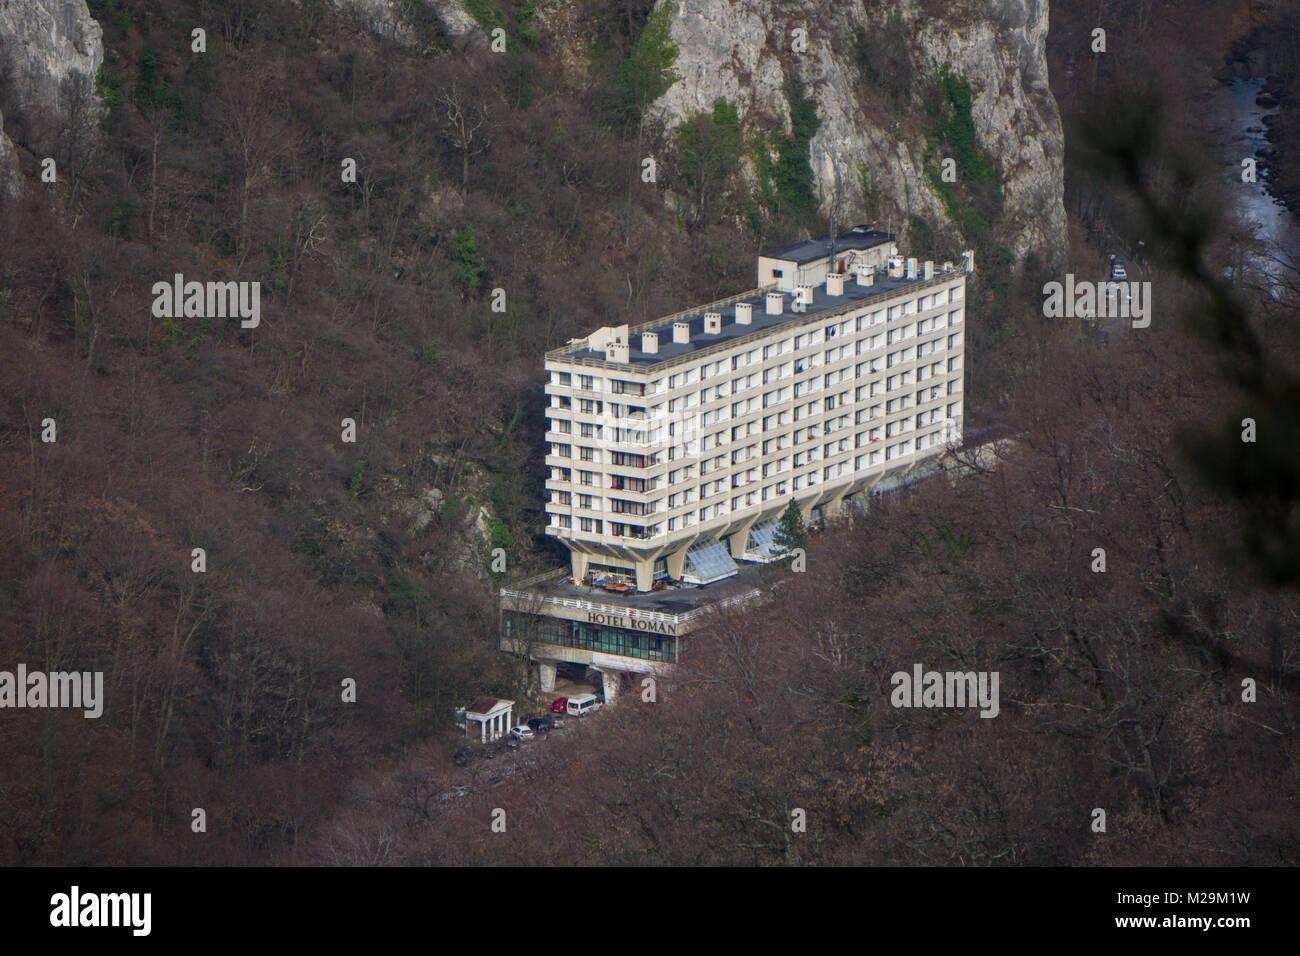 Baile herculane romania l 39 hotel romano in for Il tuo account e stato attaccato